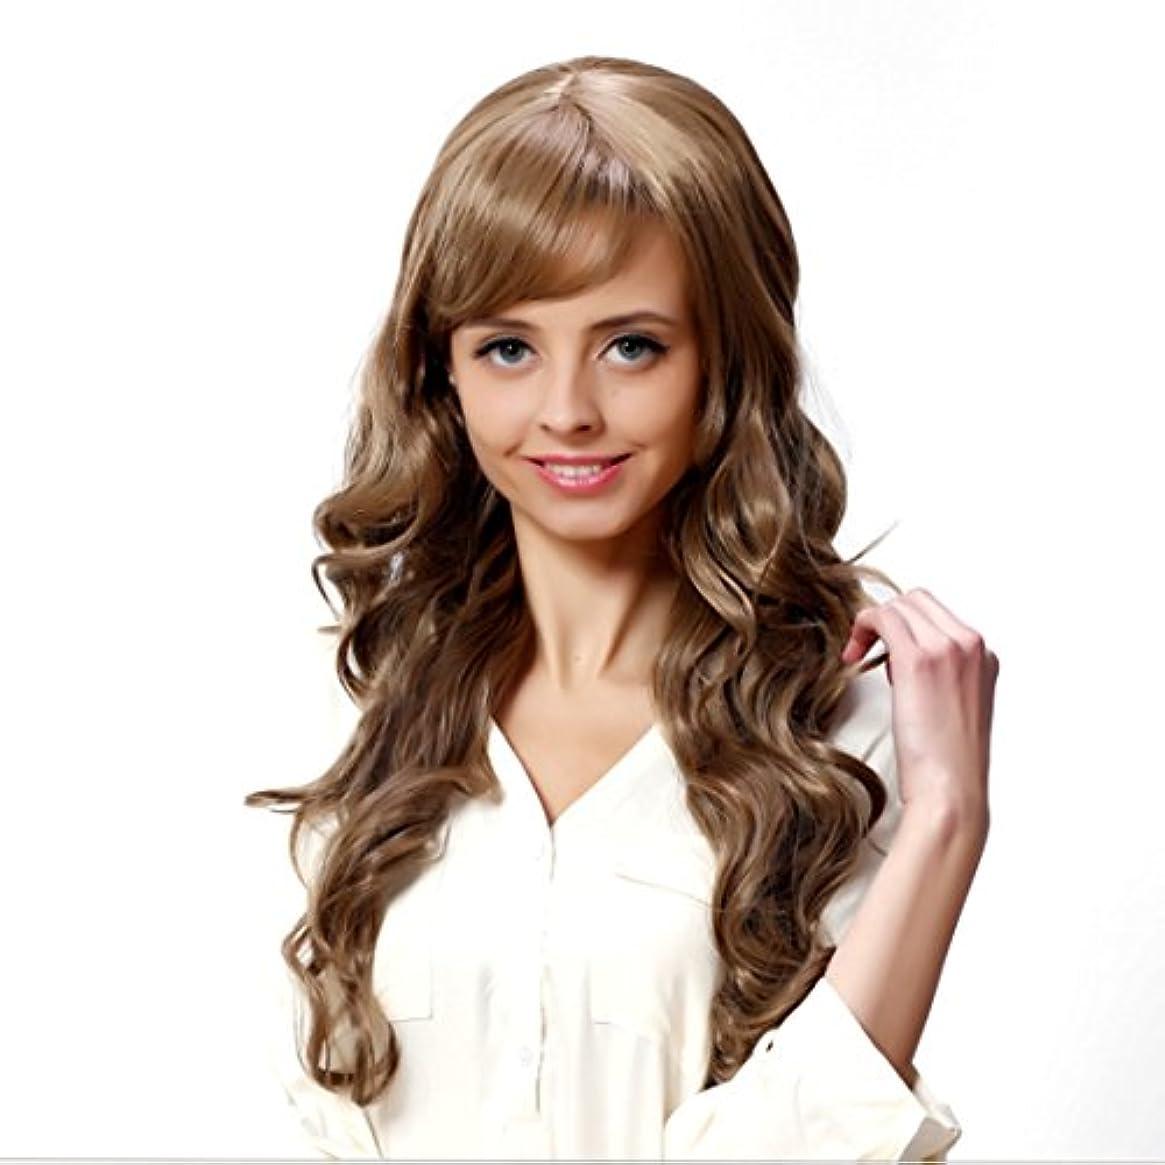 ペースト本宇宙JIANFU 女性のための現実的な大きな波状の長い縮毛のかつらフルサイズの頭のカーリーヘアフラフリな梨のフラワーウィッグ修正された顔の長さ21inch / 22inch(ブラウンブラック/ベージュ)のための斜めバンズウィッグ...